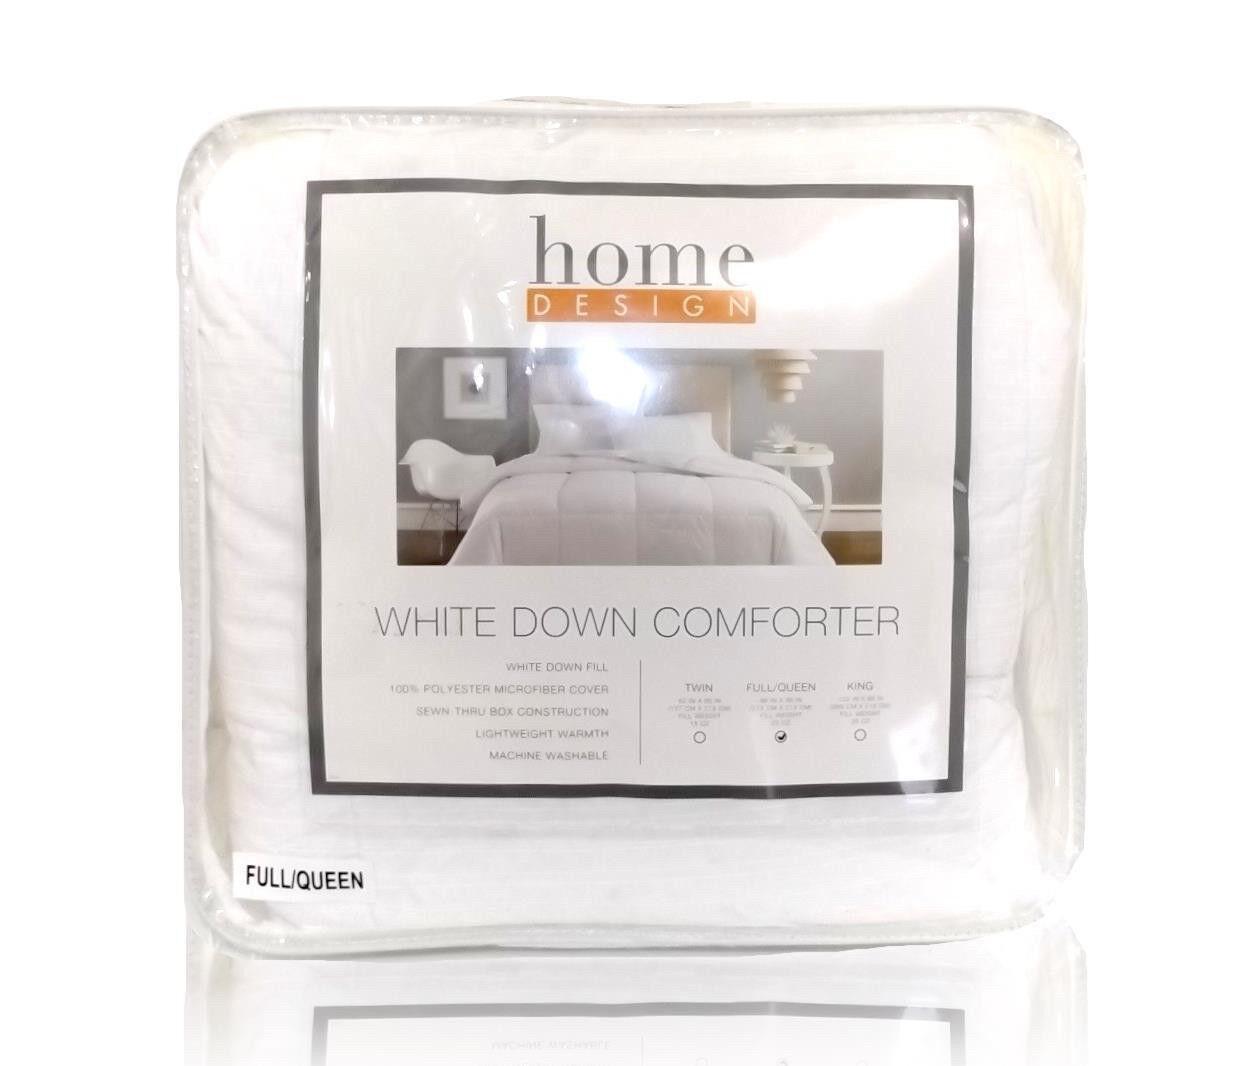 Home Design Down Hypoallergenic Alternative Full / Queen Comforter ...